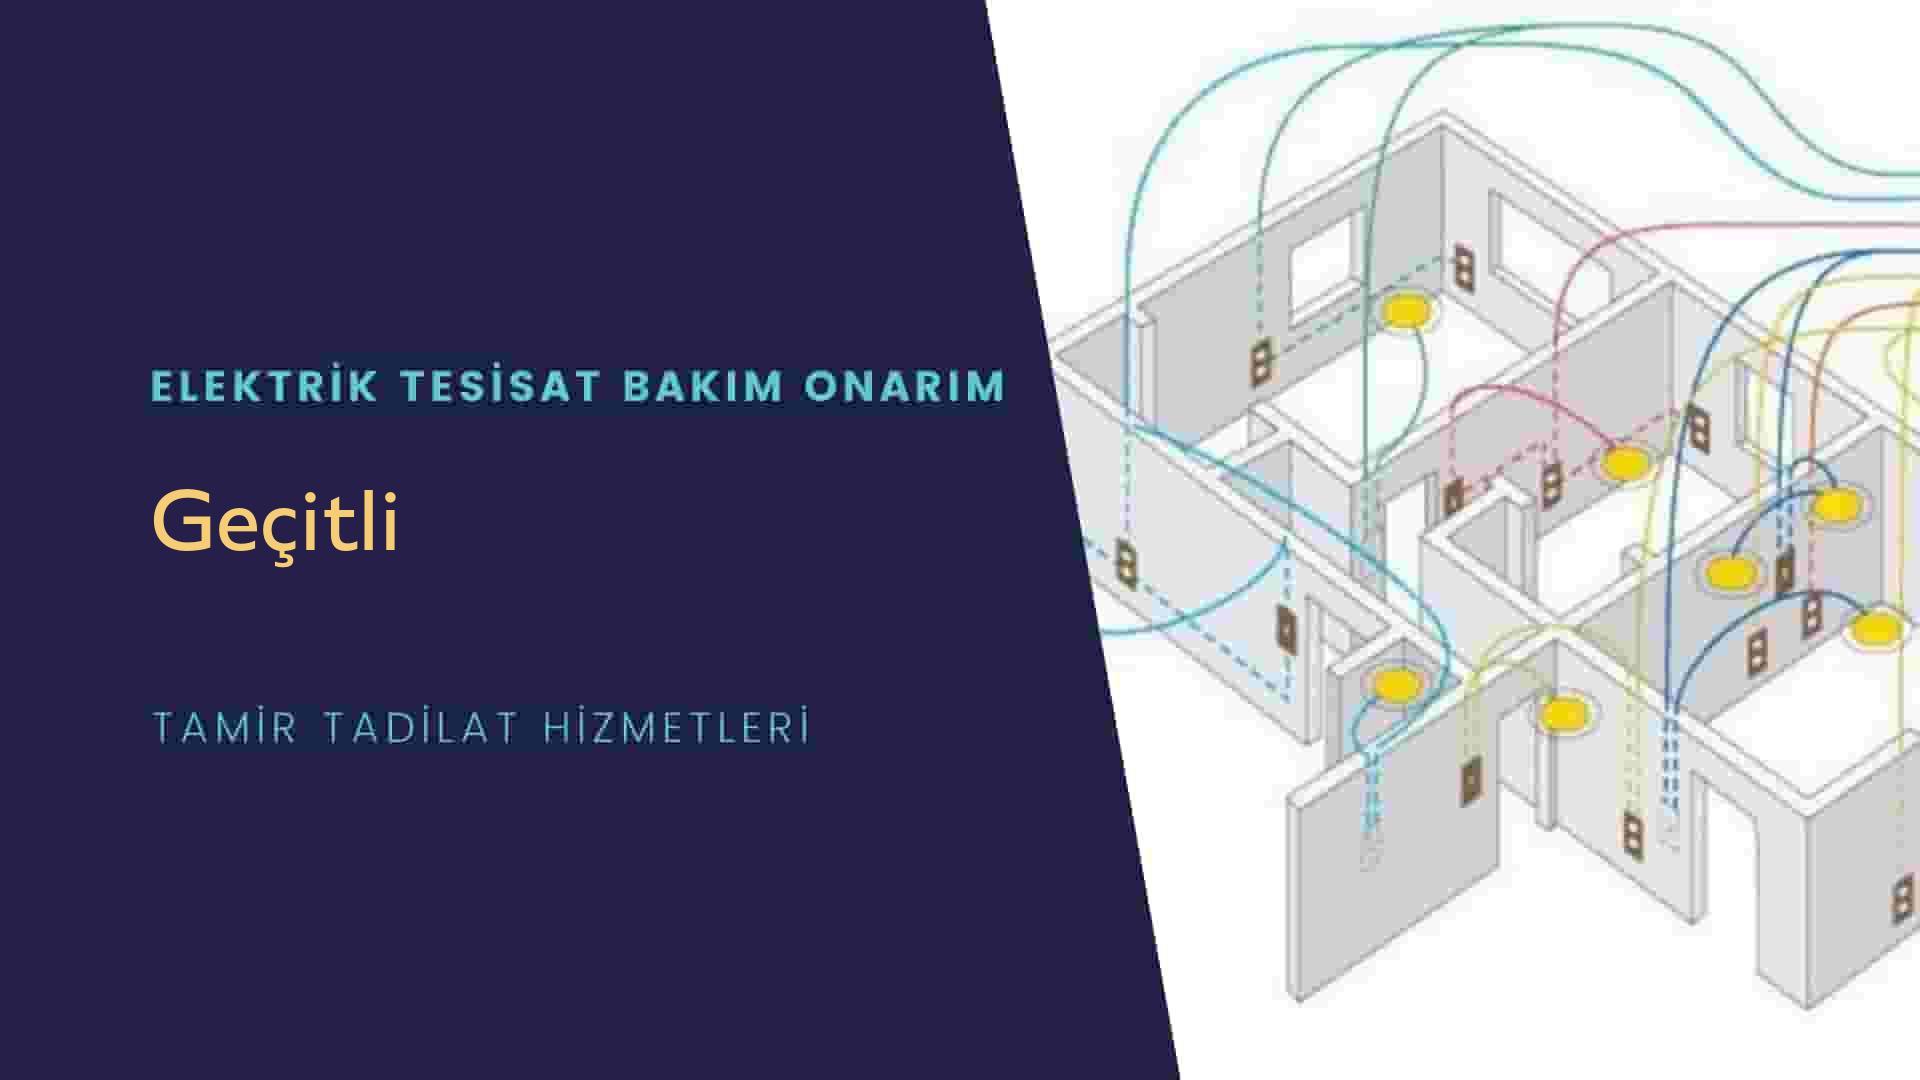 Geçitli'de elektrik tesisatıustalarımı arıyorsunuz doğru adrestenizi Geçitli elektrik tesisatı ustalarımız 7/24 sizlere hizmet vermekten mutluluk duyar.